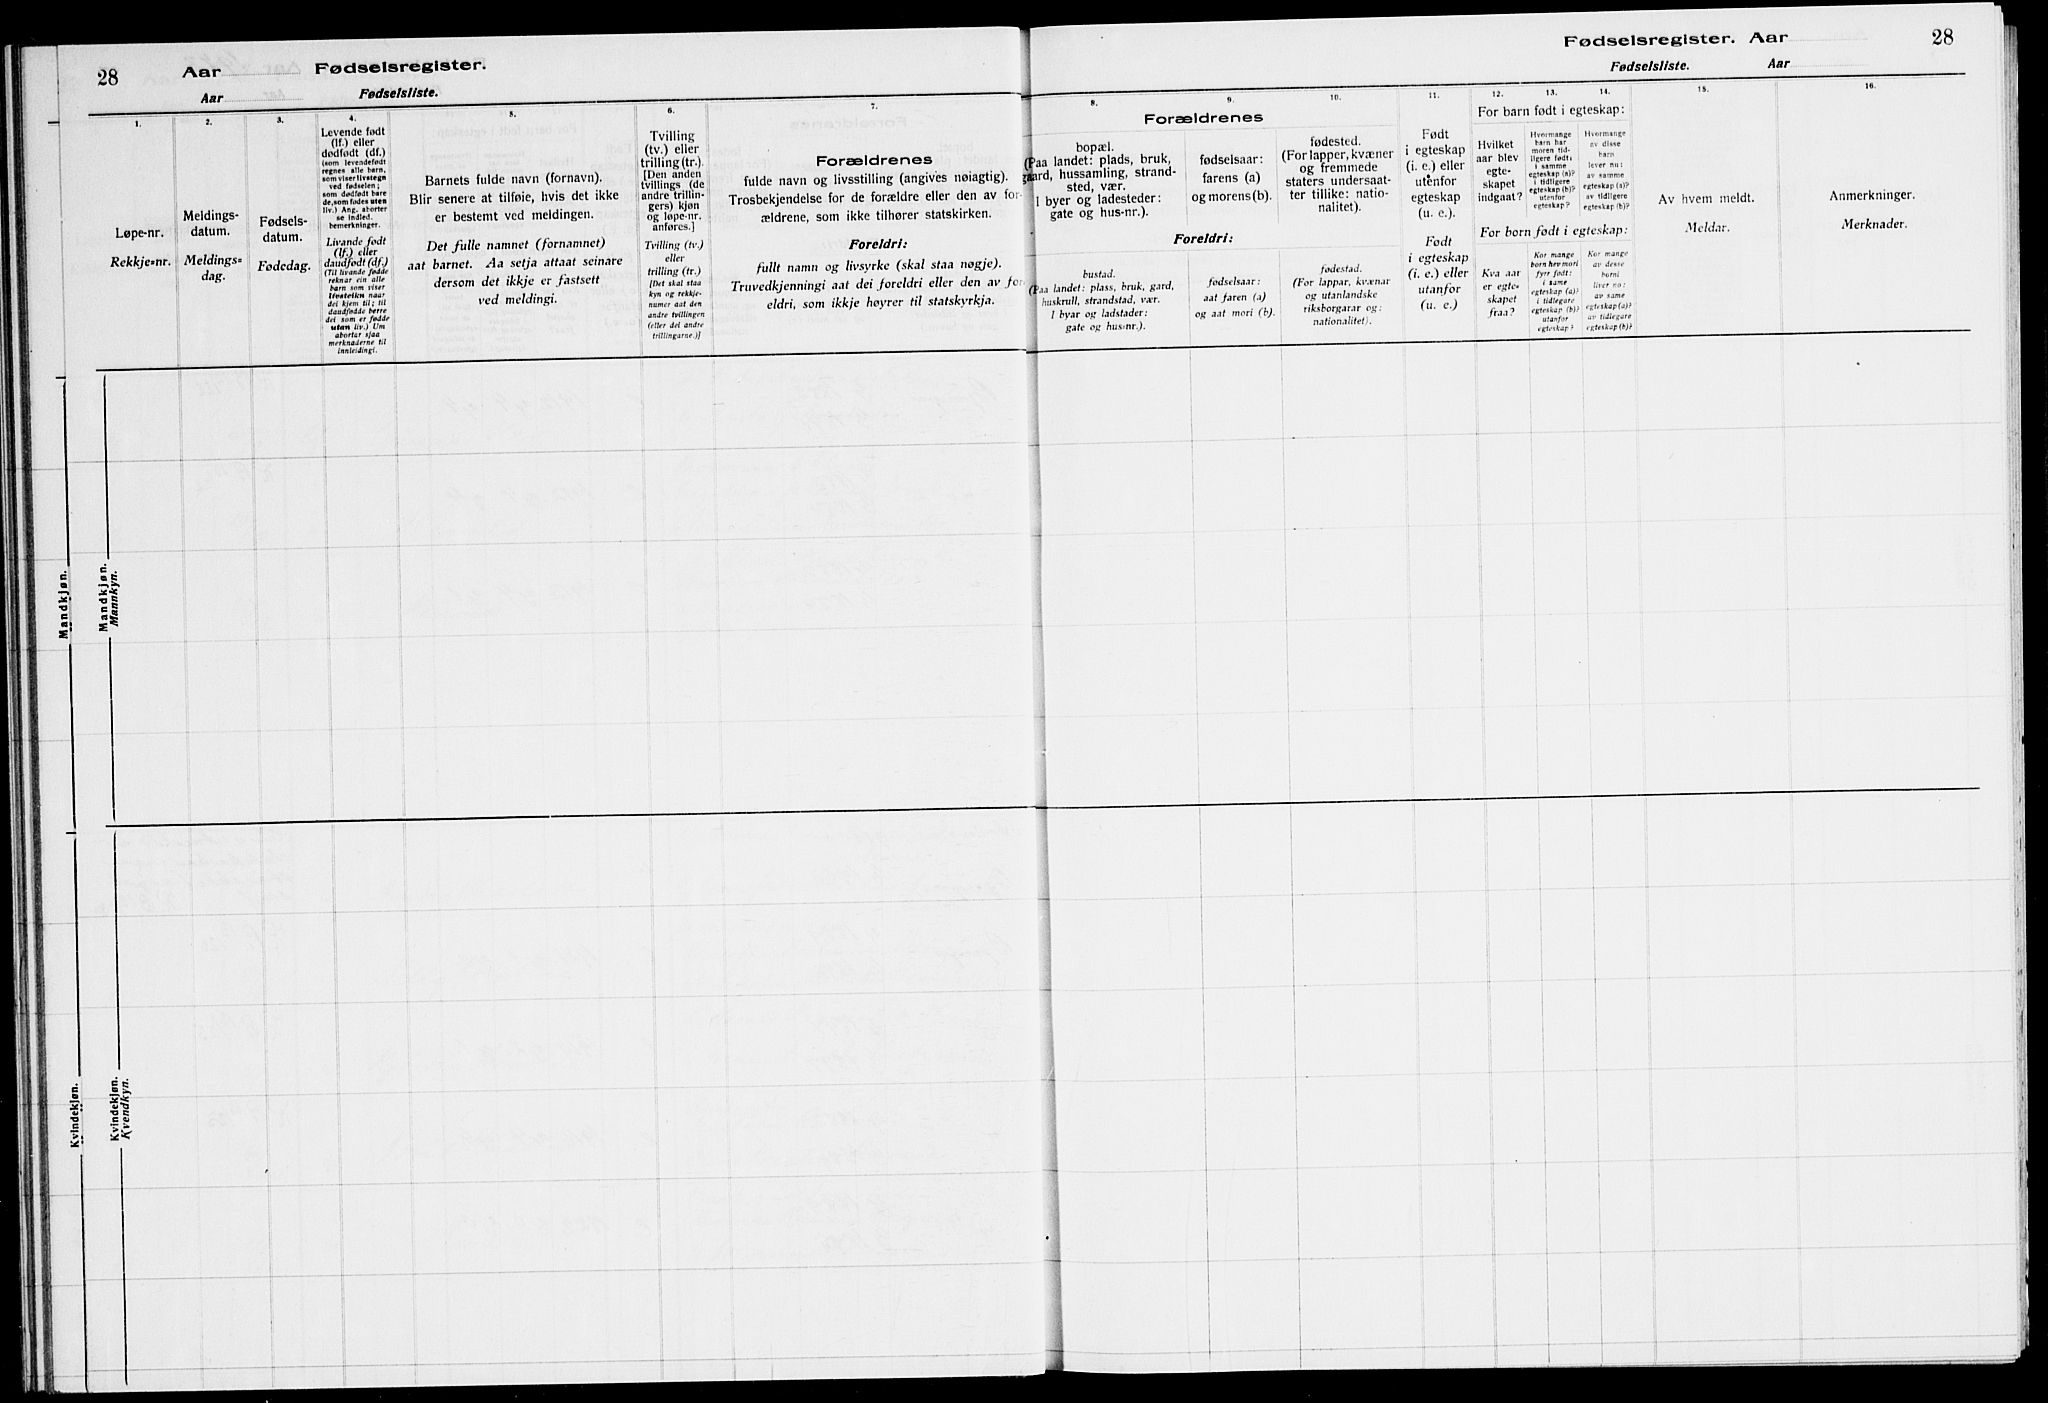 SAT, Ministerialprotokoller, klokkerbøker og fødselsregistre - Sør-Trøndelag, 651/L0650: Fødselsregister nr. 651.II.4.1, 1916-1923, s. 28